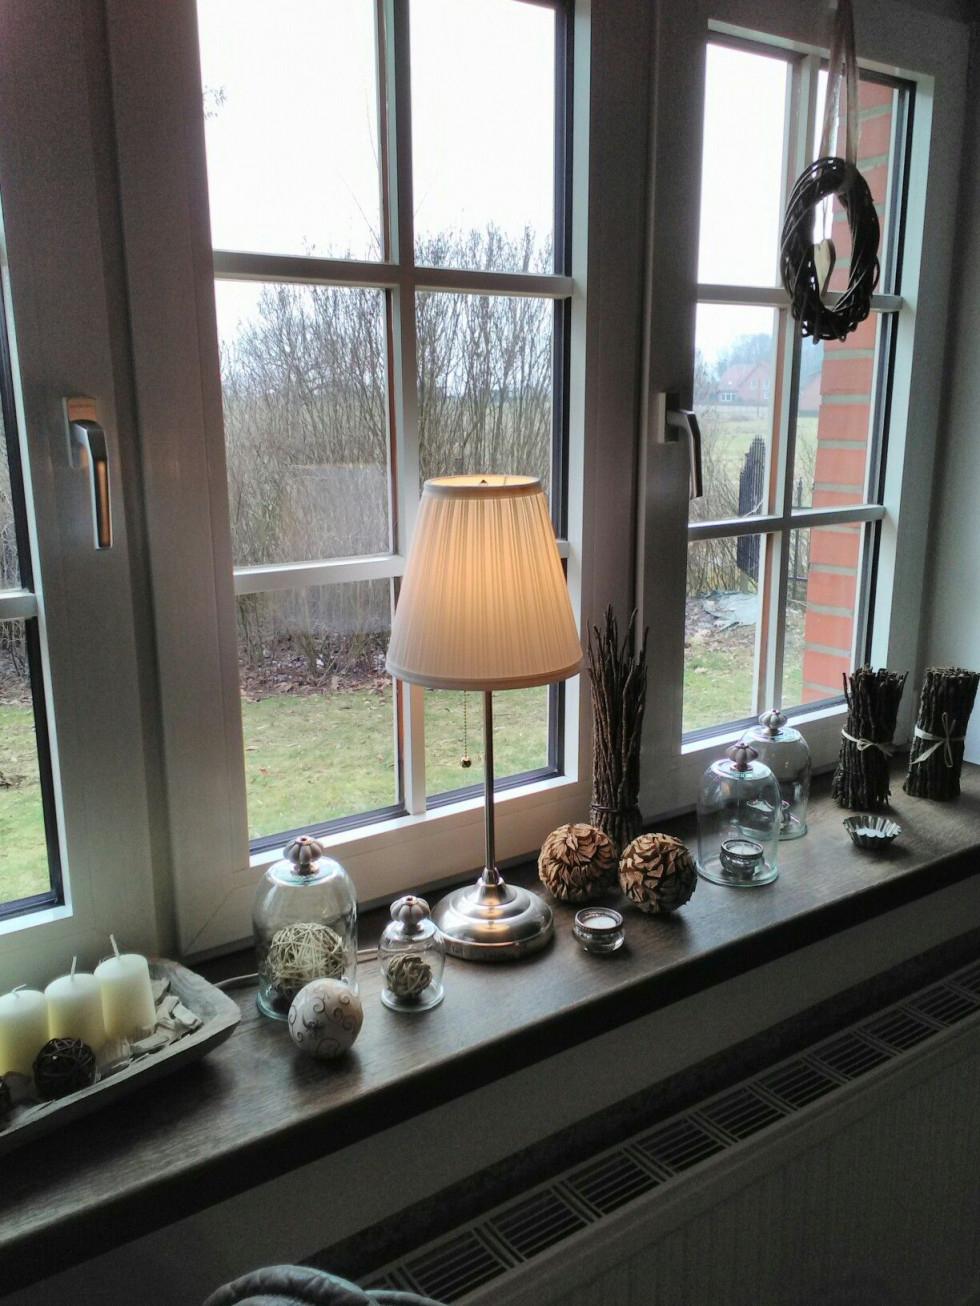 Fensterbank  Fenster Dekorieren Dekoration Wohnzimmer von Deko Fensterbank Wohnzimmer Bild